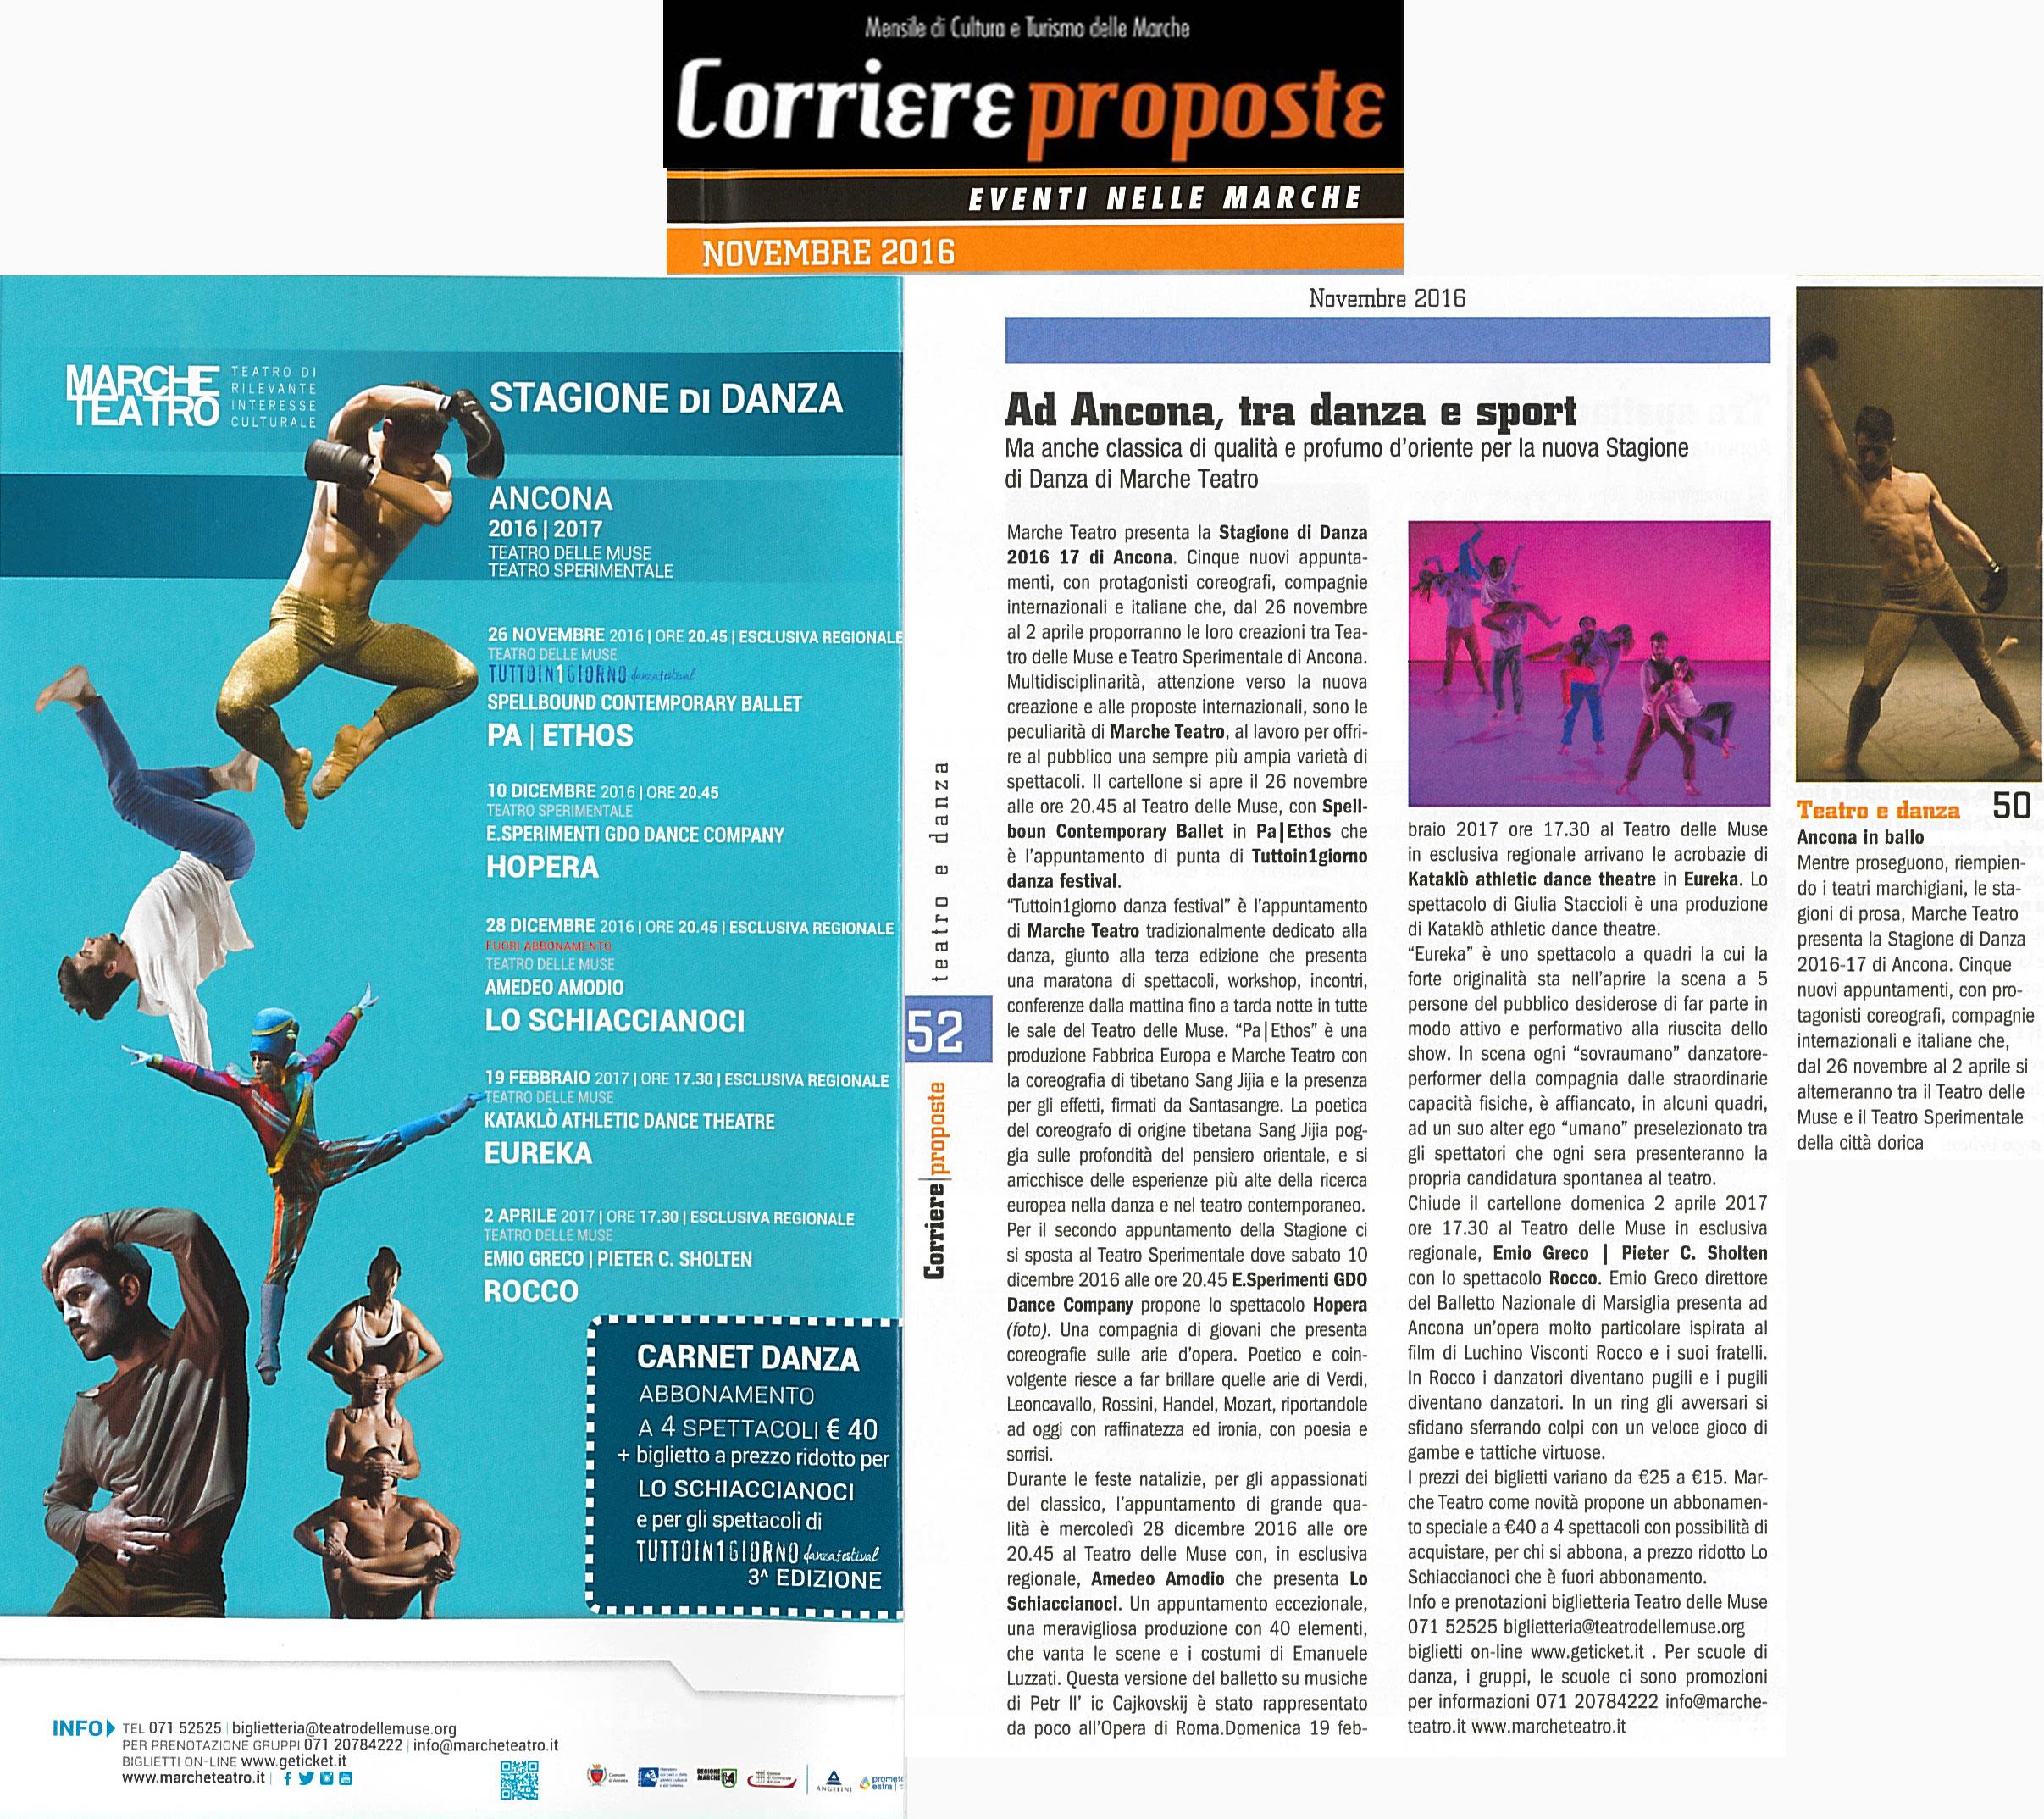 2016_novembre_ad-ancona-tra-danza-e-sport_corriere-proposte